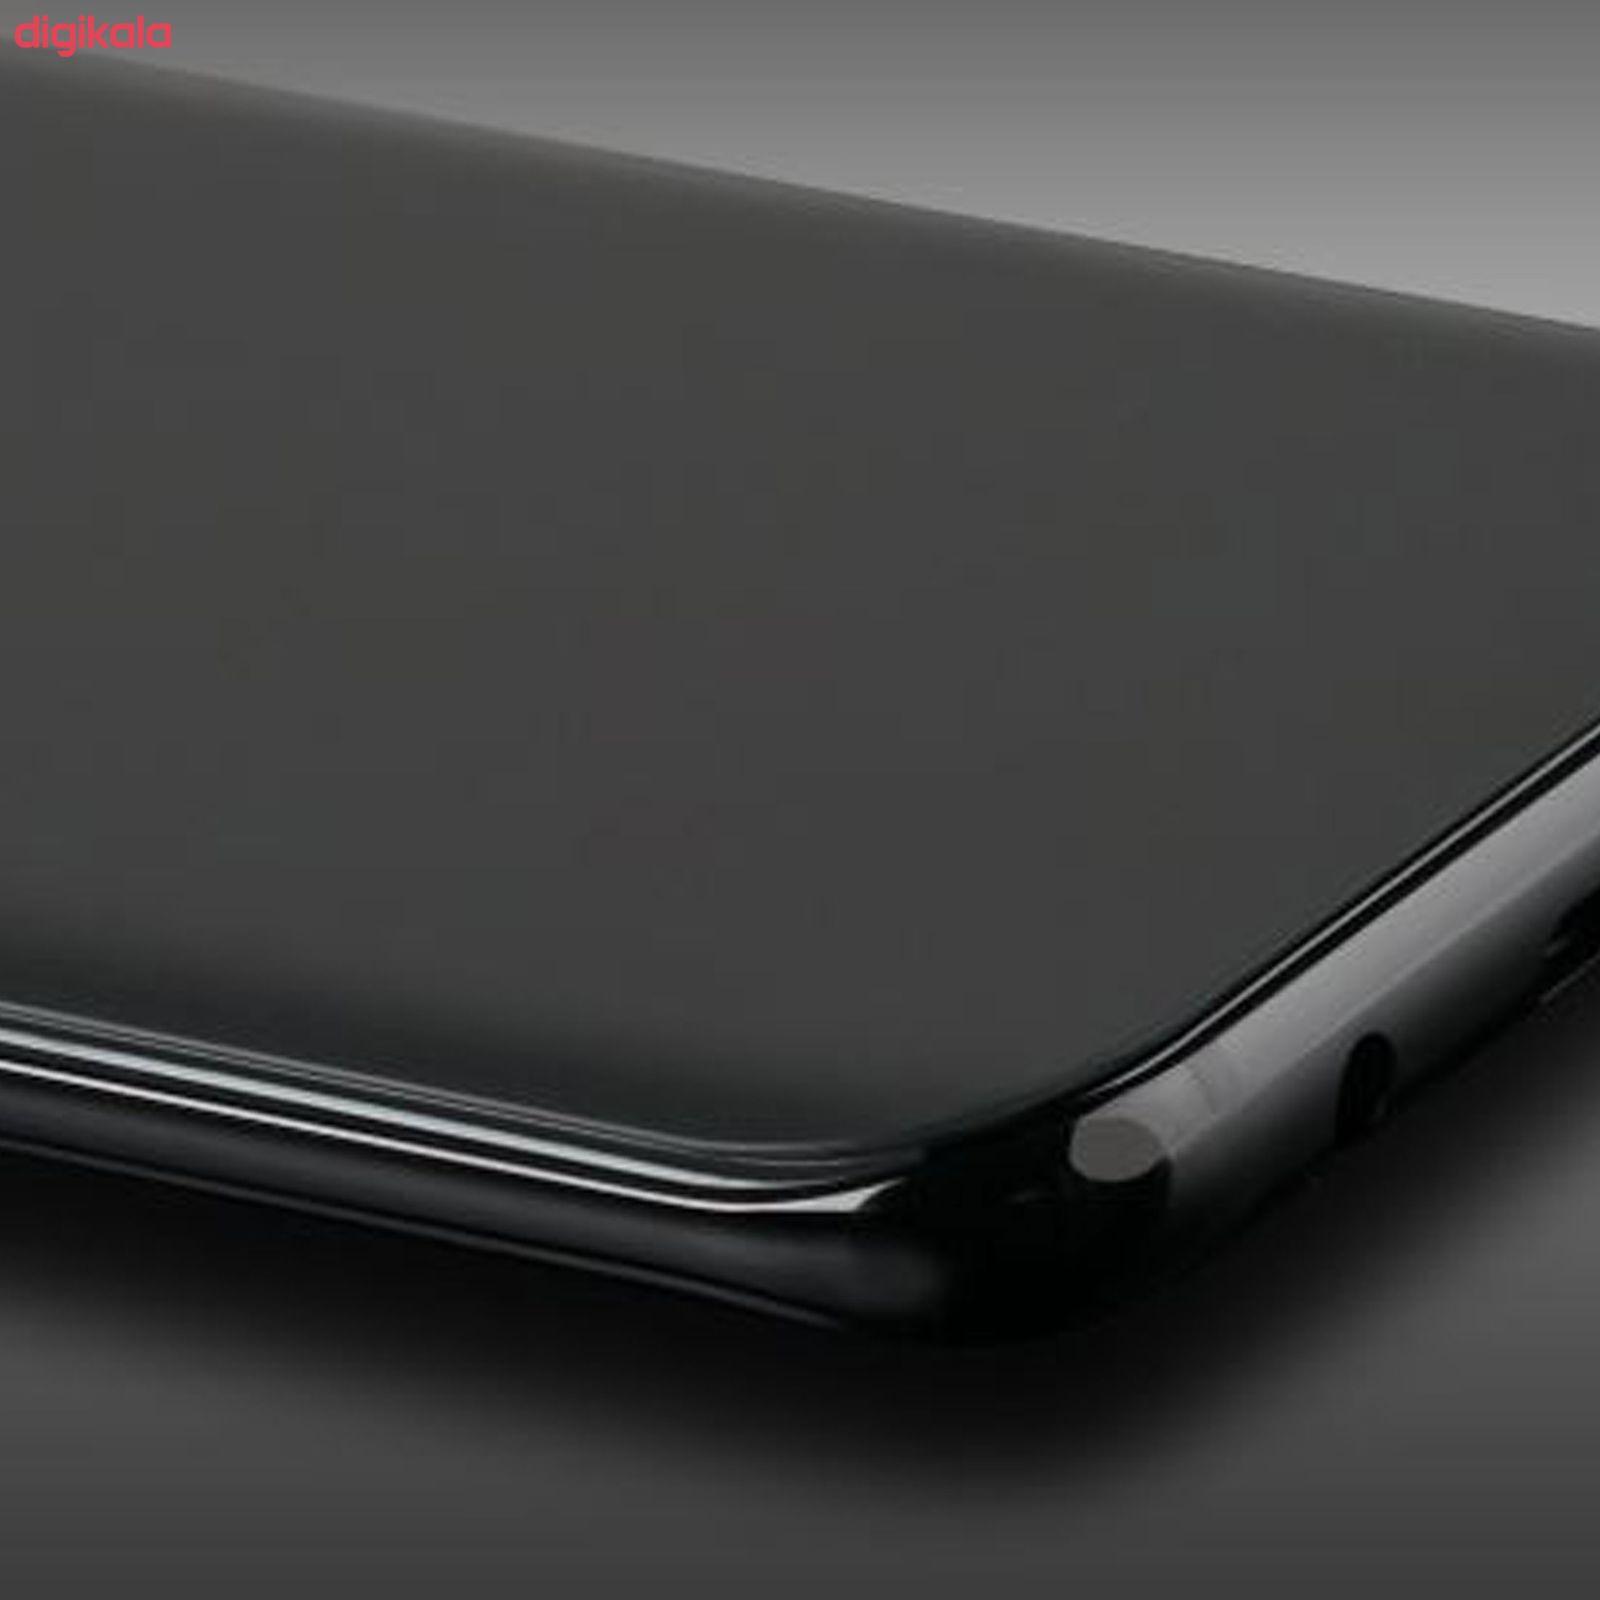 محافظ صفحه نمایش حریم شخصی ژنرال مدل GNprv-01 مناسب برای گوشی موبایل اپل IPhone X / XS main 1 5